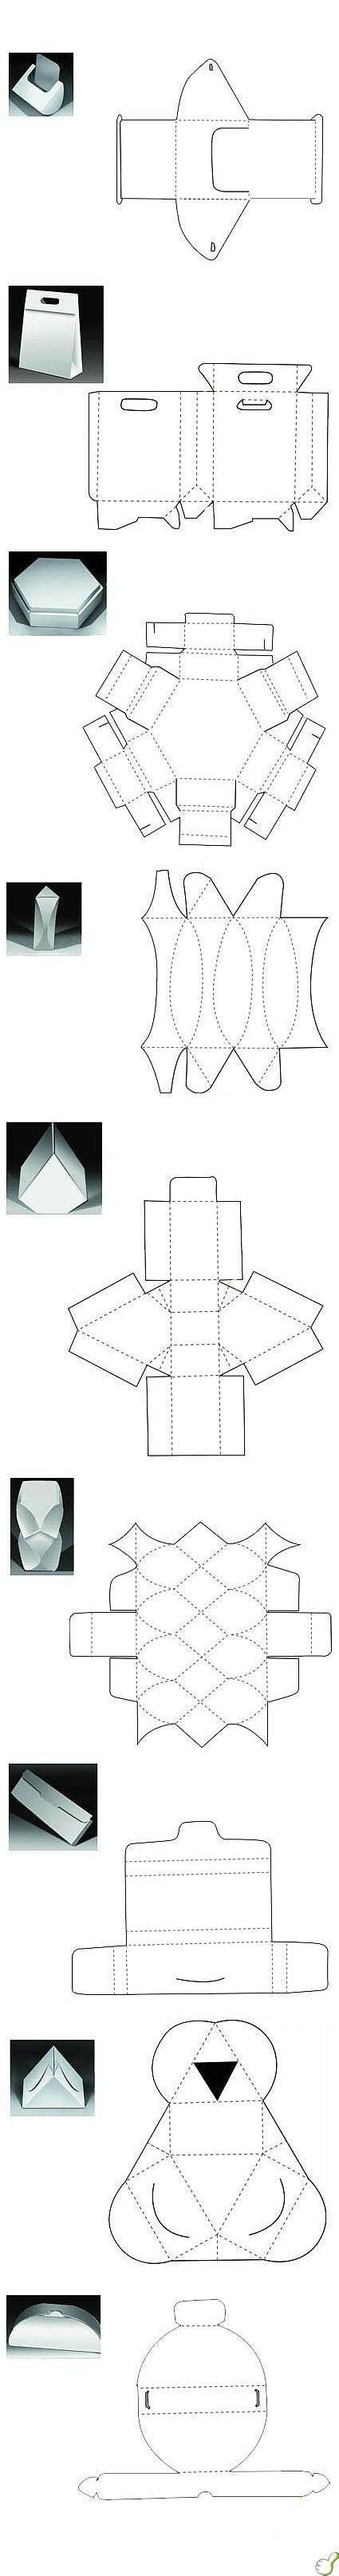 Boxen Aus Karton by Kreative Boxen Aus Karton Papier